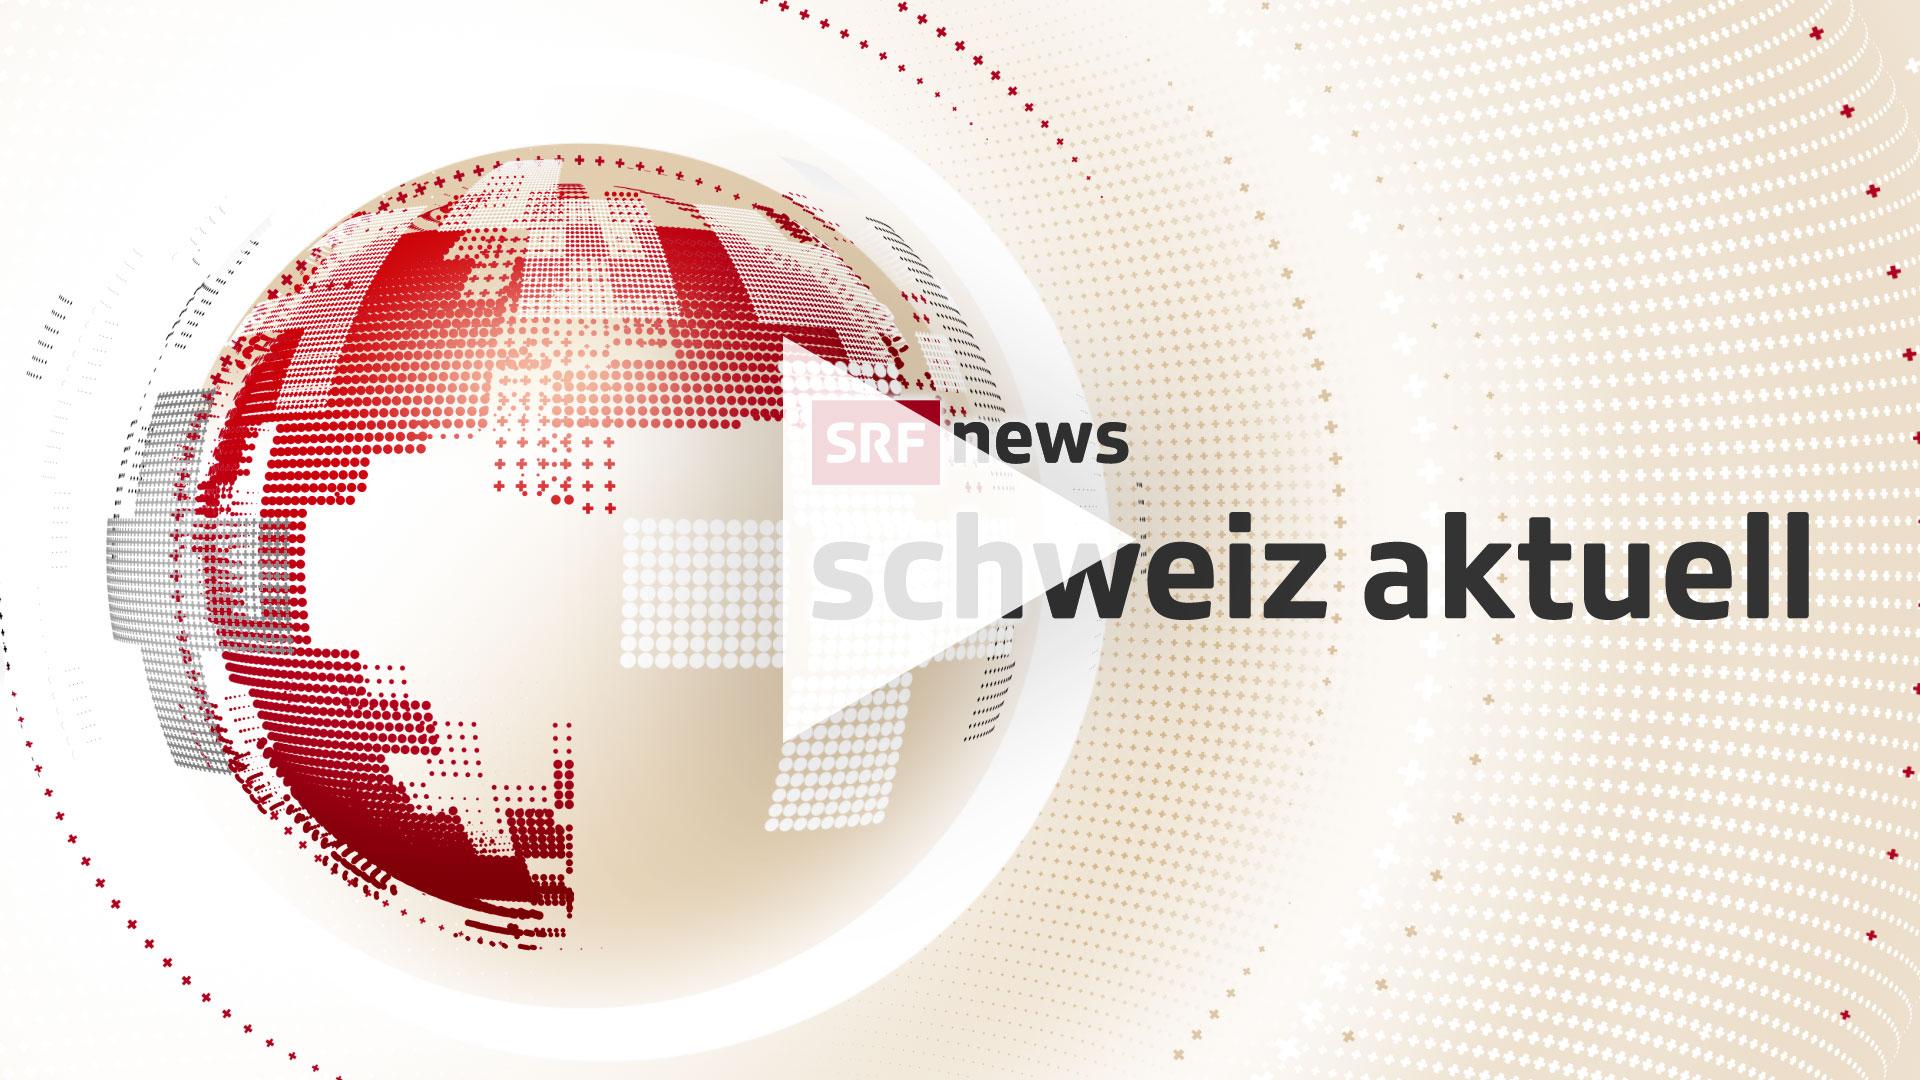 Pfeil-Thumbnail-schweiz-aktuell